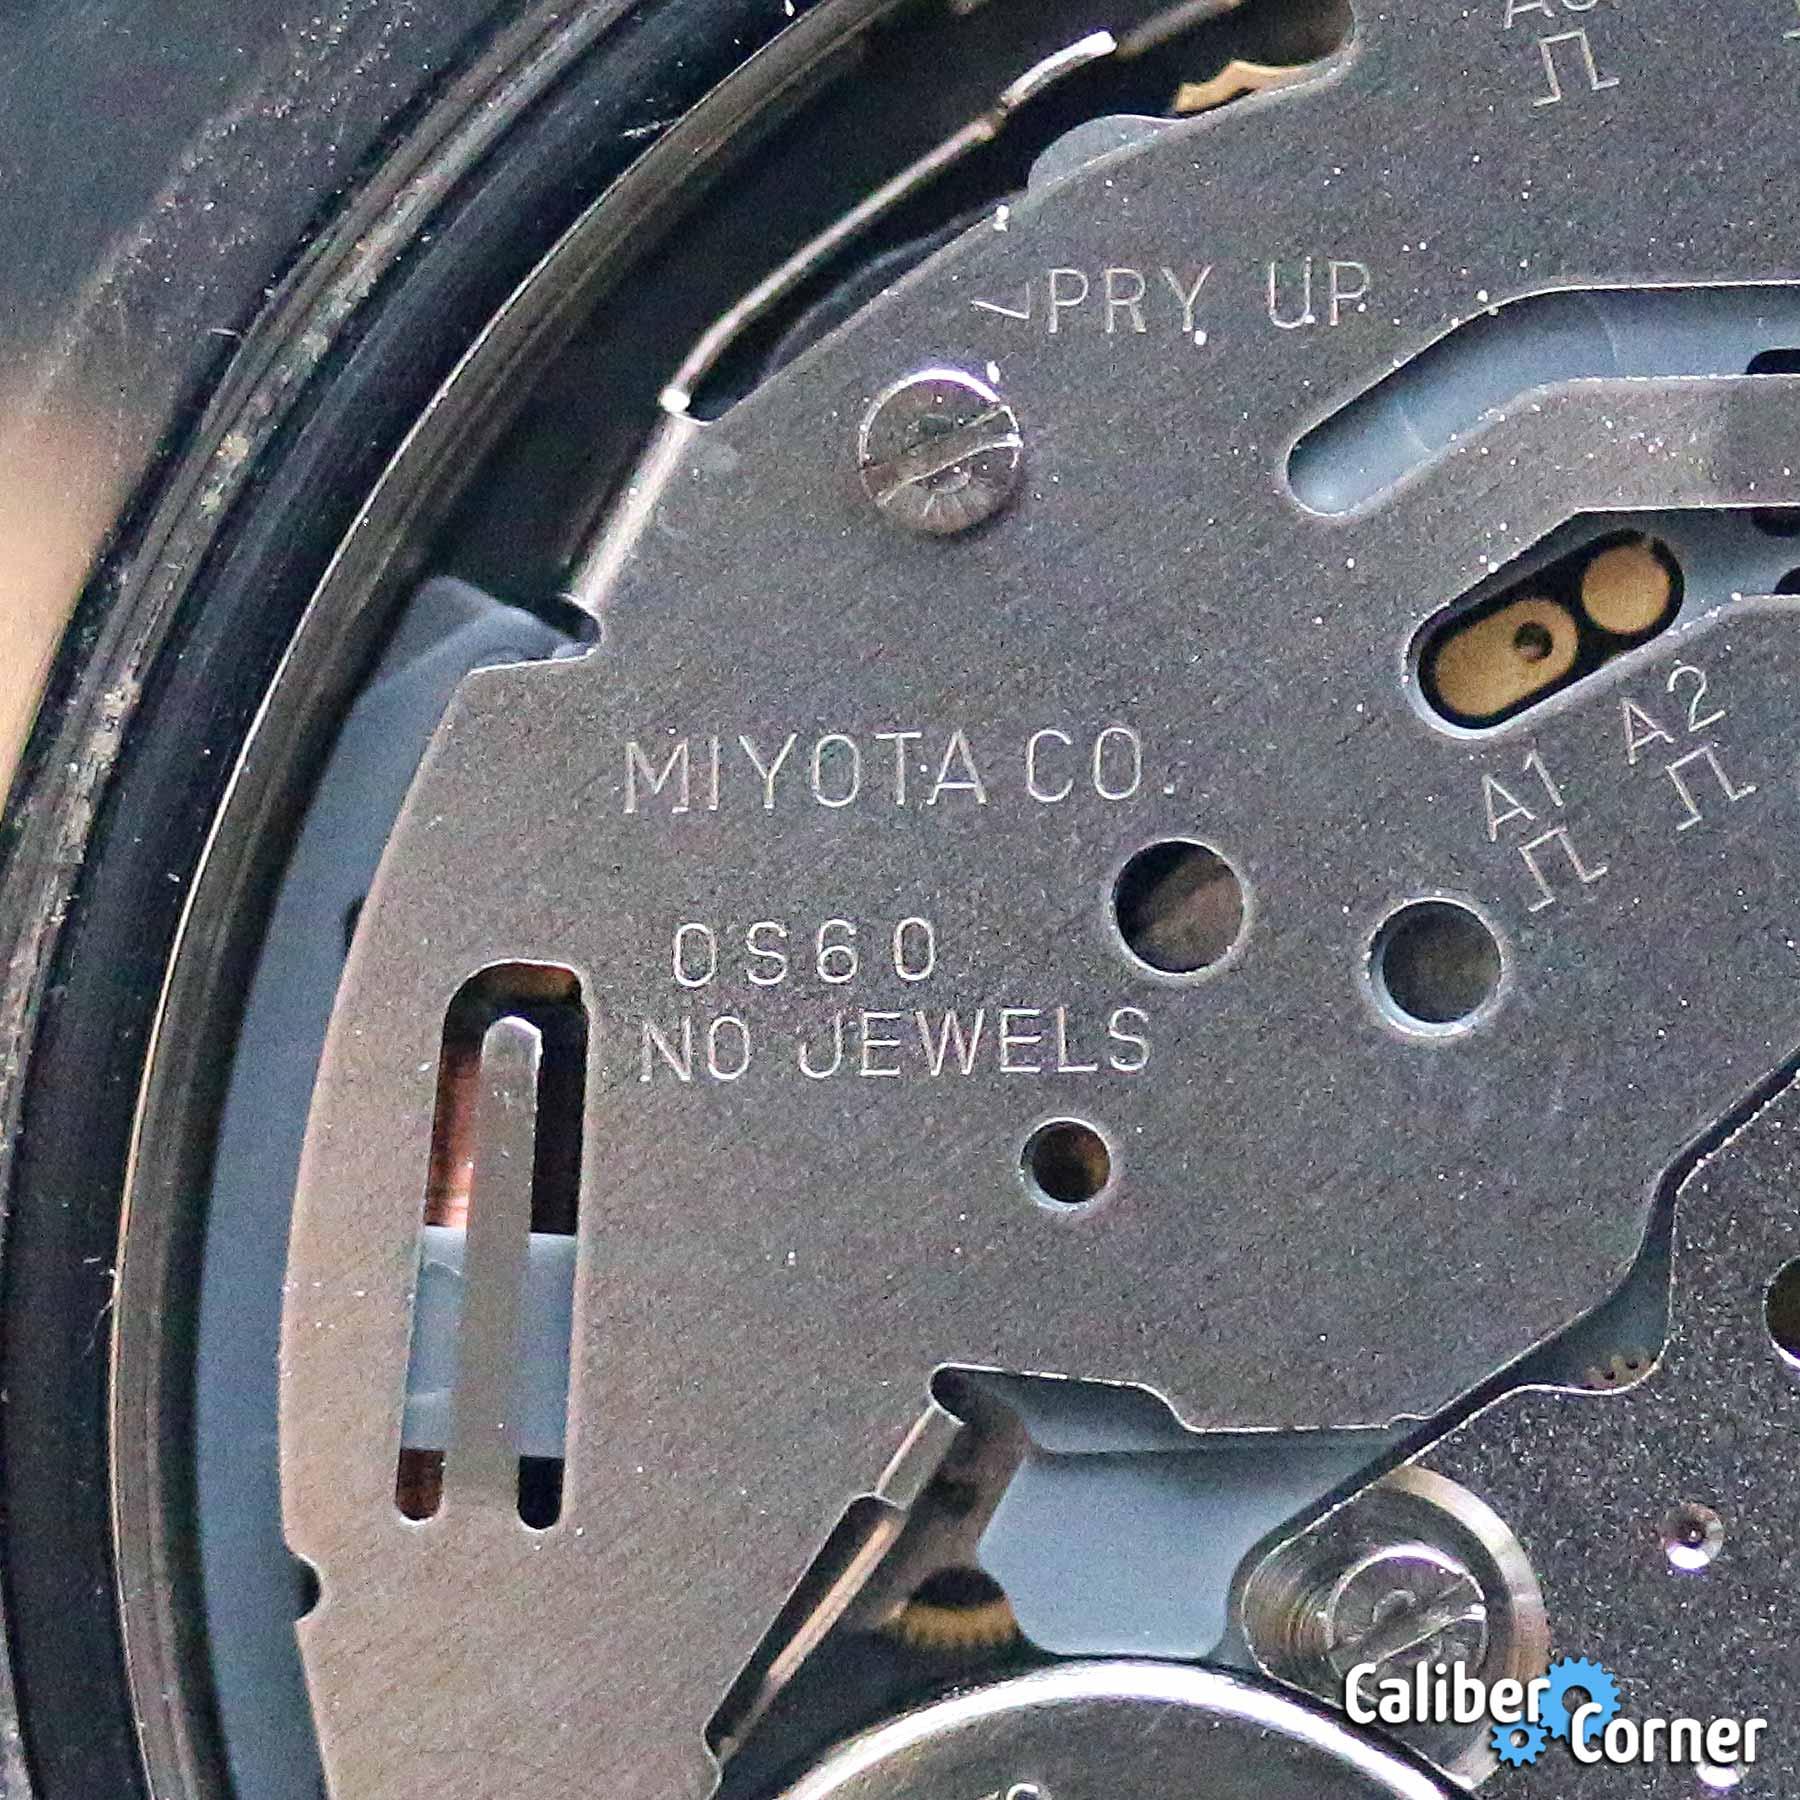 Miyota Caliber 0s60 0560